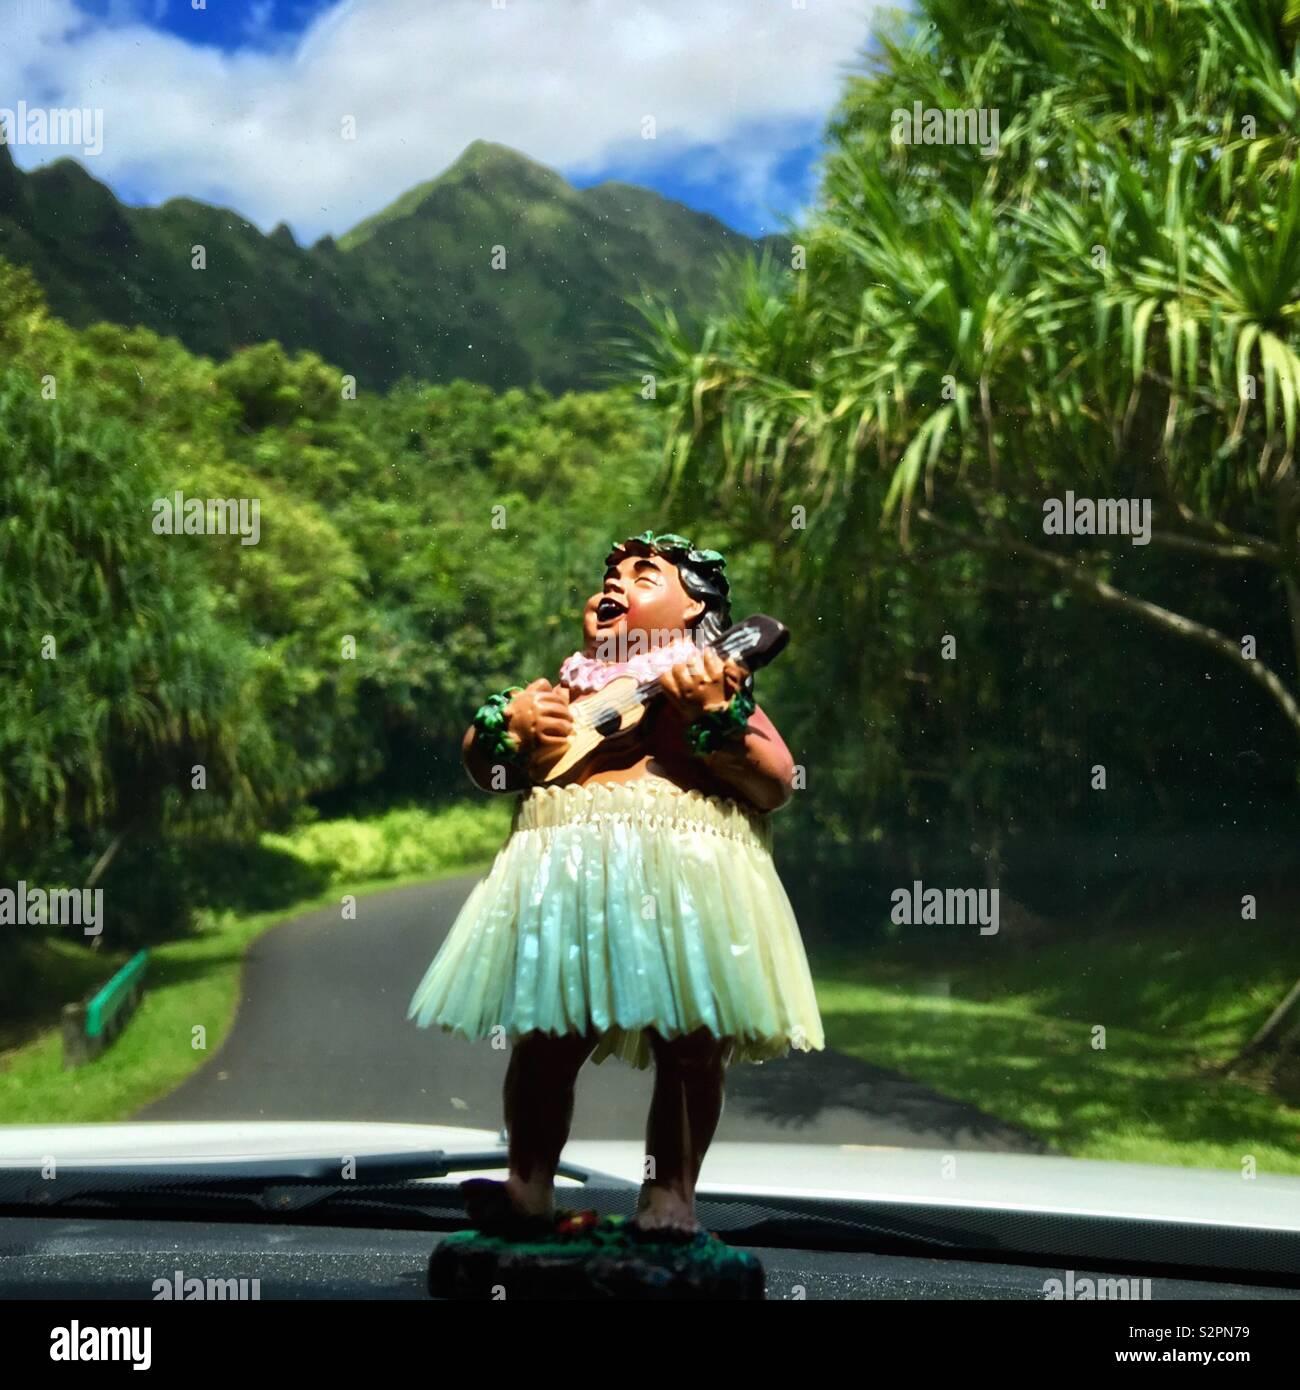 Bobblehead de Hula en una falda de hierba en un salpicadero tocando el ukelele mientras conduce en Hawai Imagen De Stock